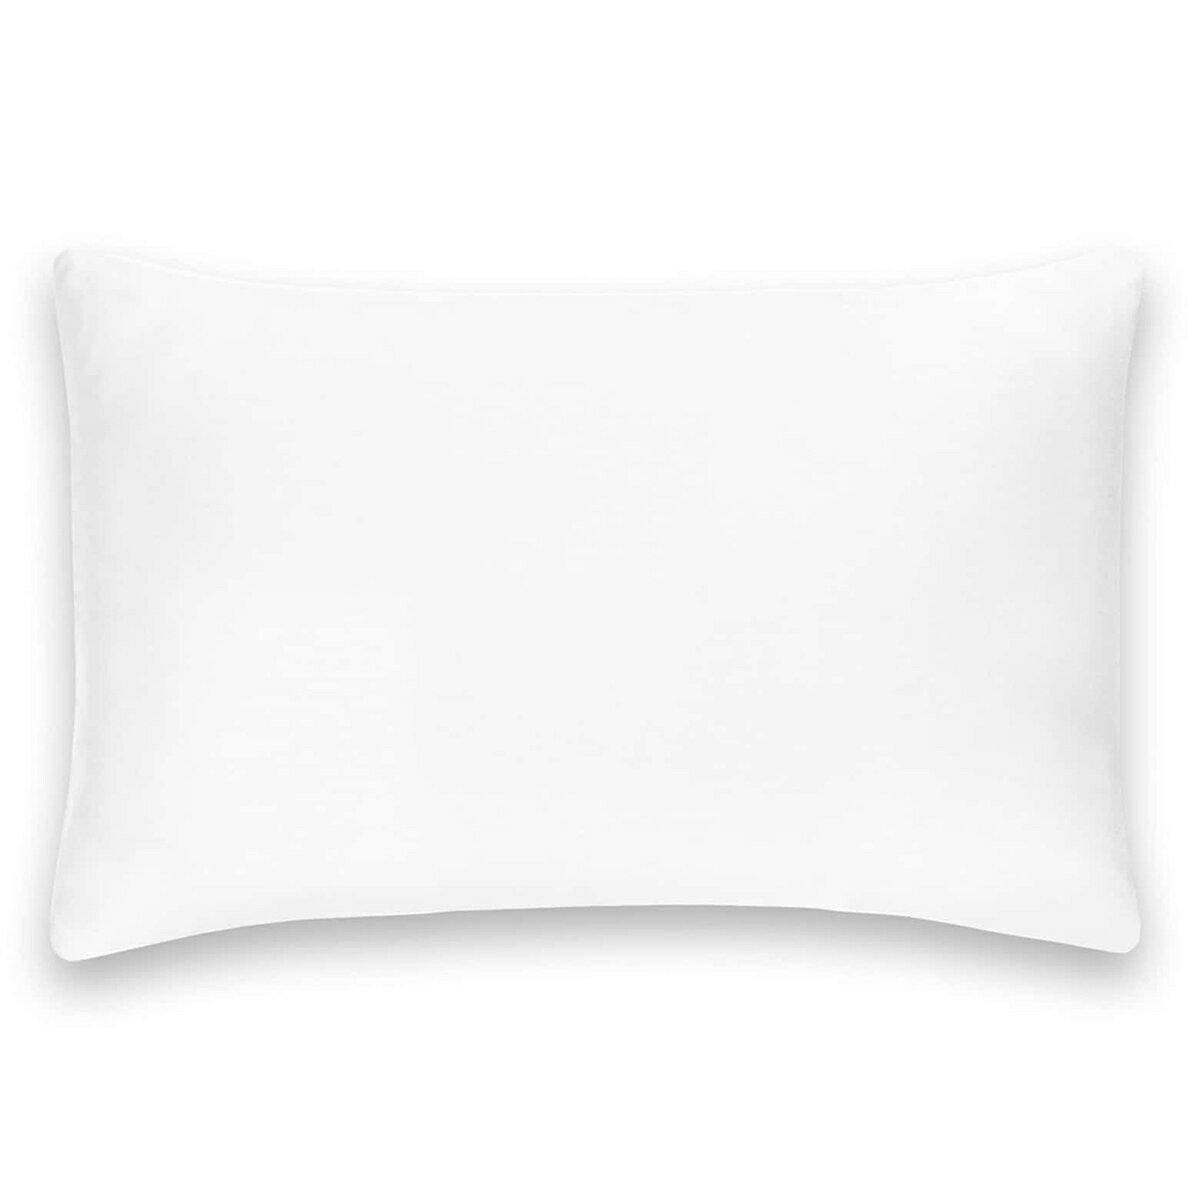 me. 枕カバー 寝ながらスキンケア コッパーテクノロジーを用いたスマート繊維